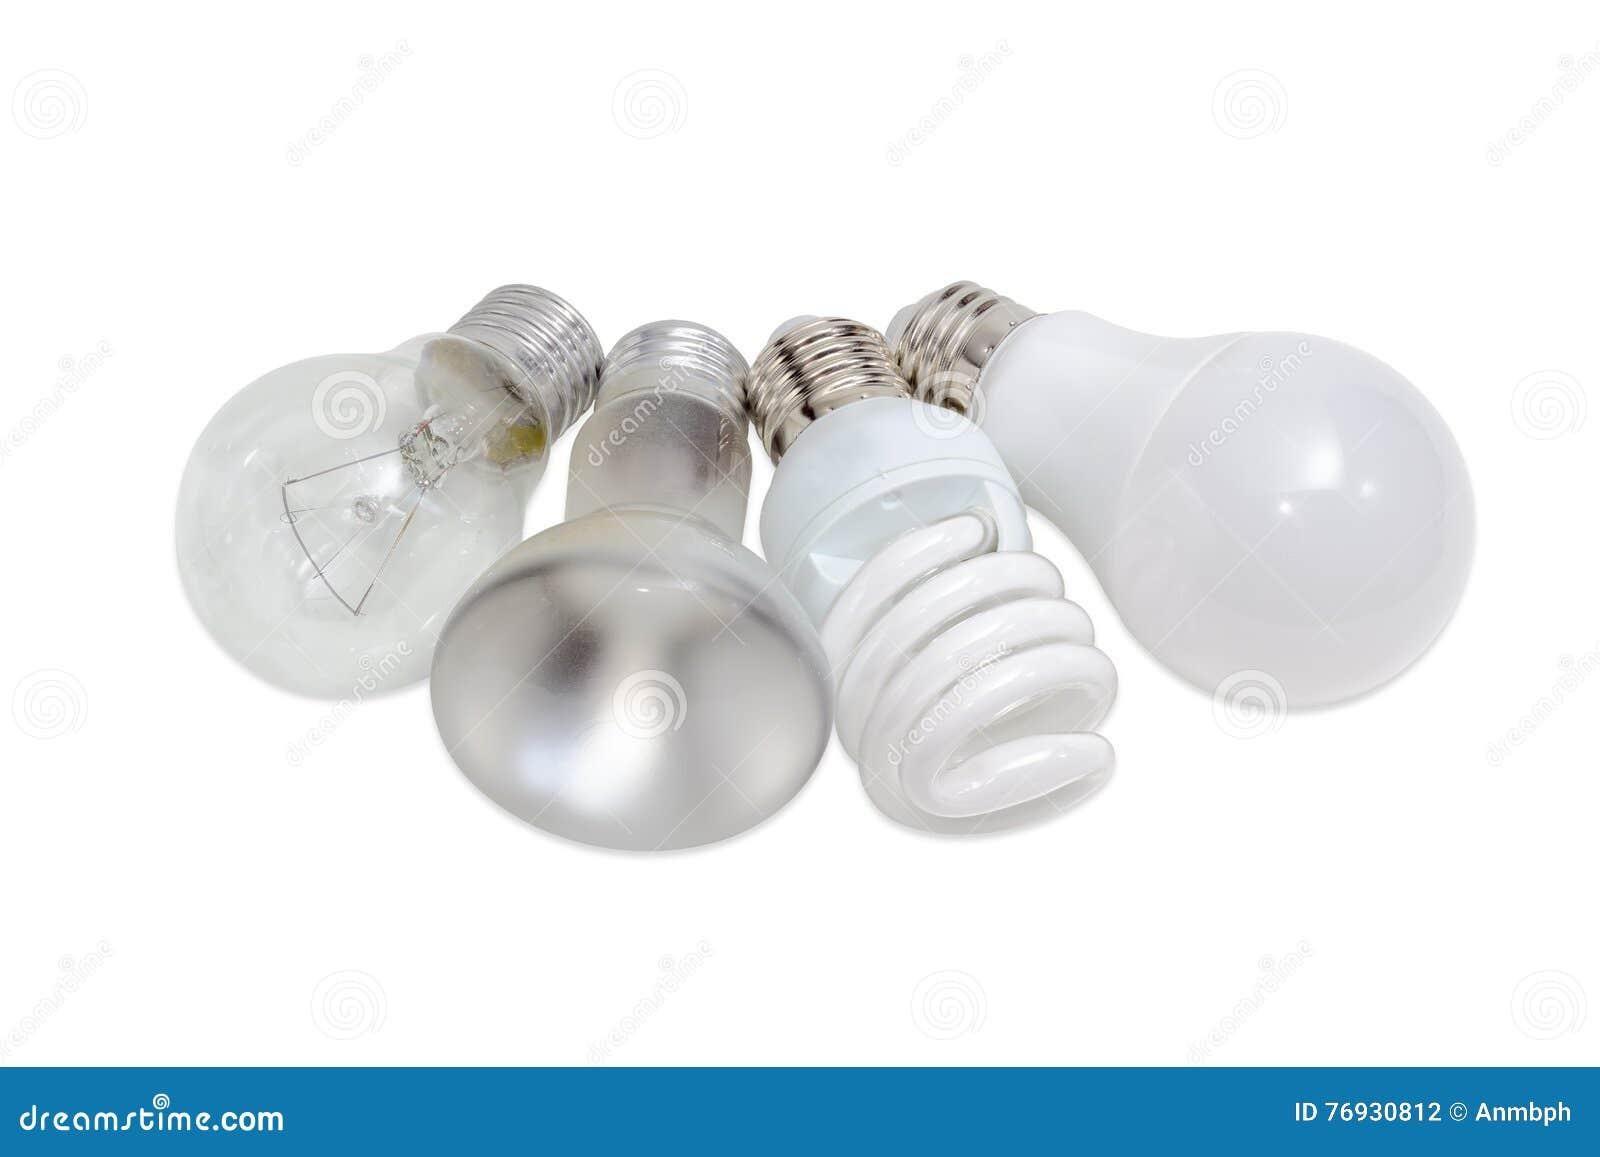 diversas lmparas elctricas de diversos tipos de iluminacin elctrica foto de archivo